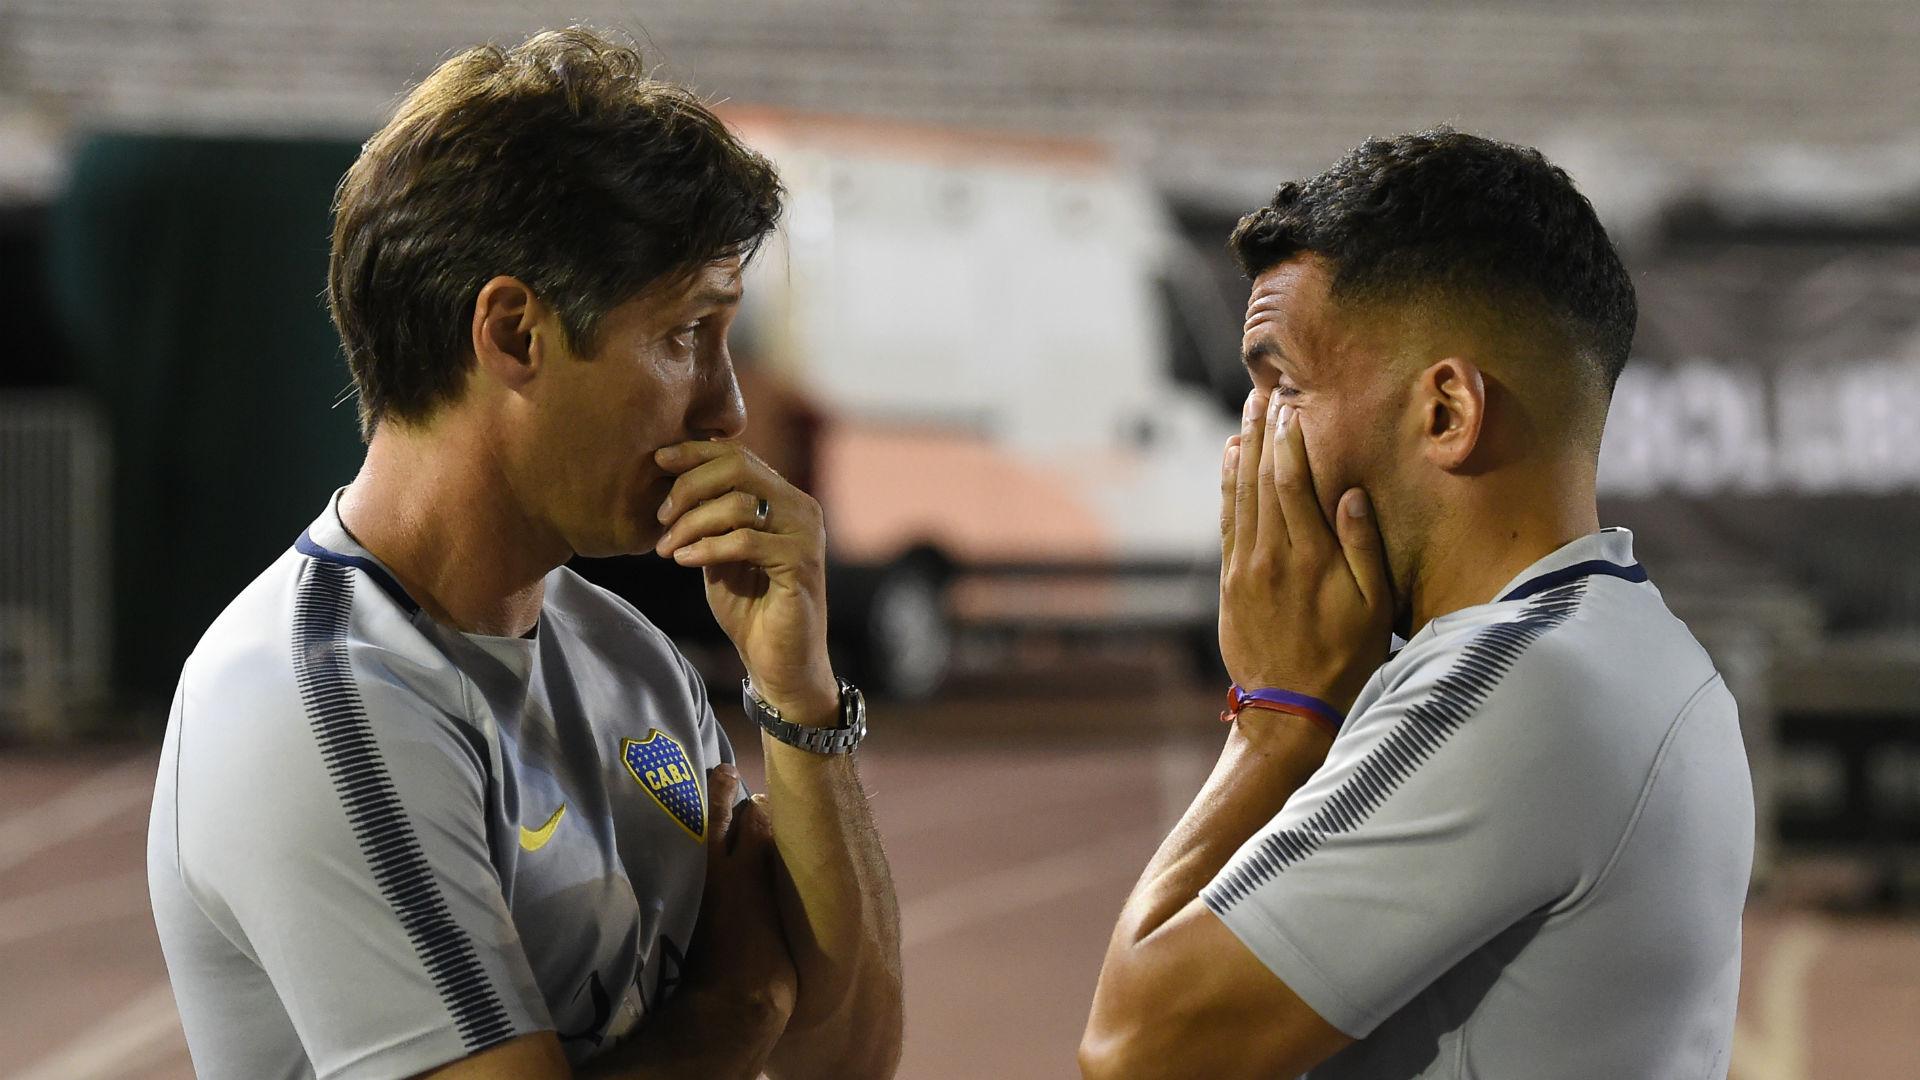 Boca Juniors request Copa Libertadores final suspension after fan violence